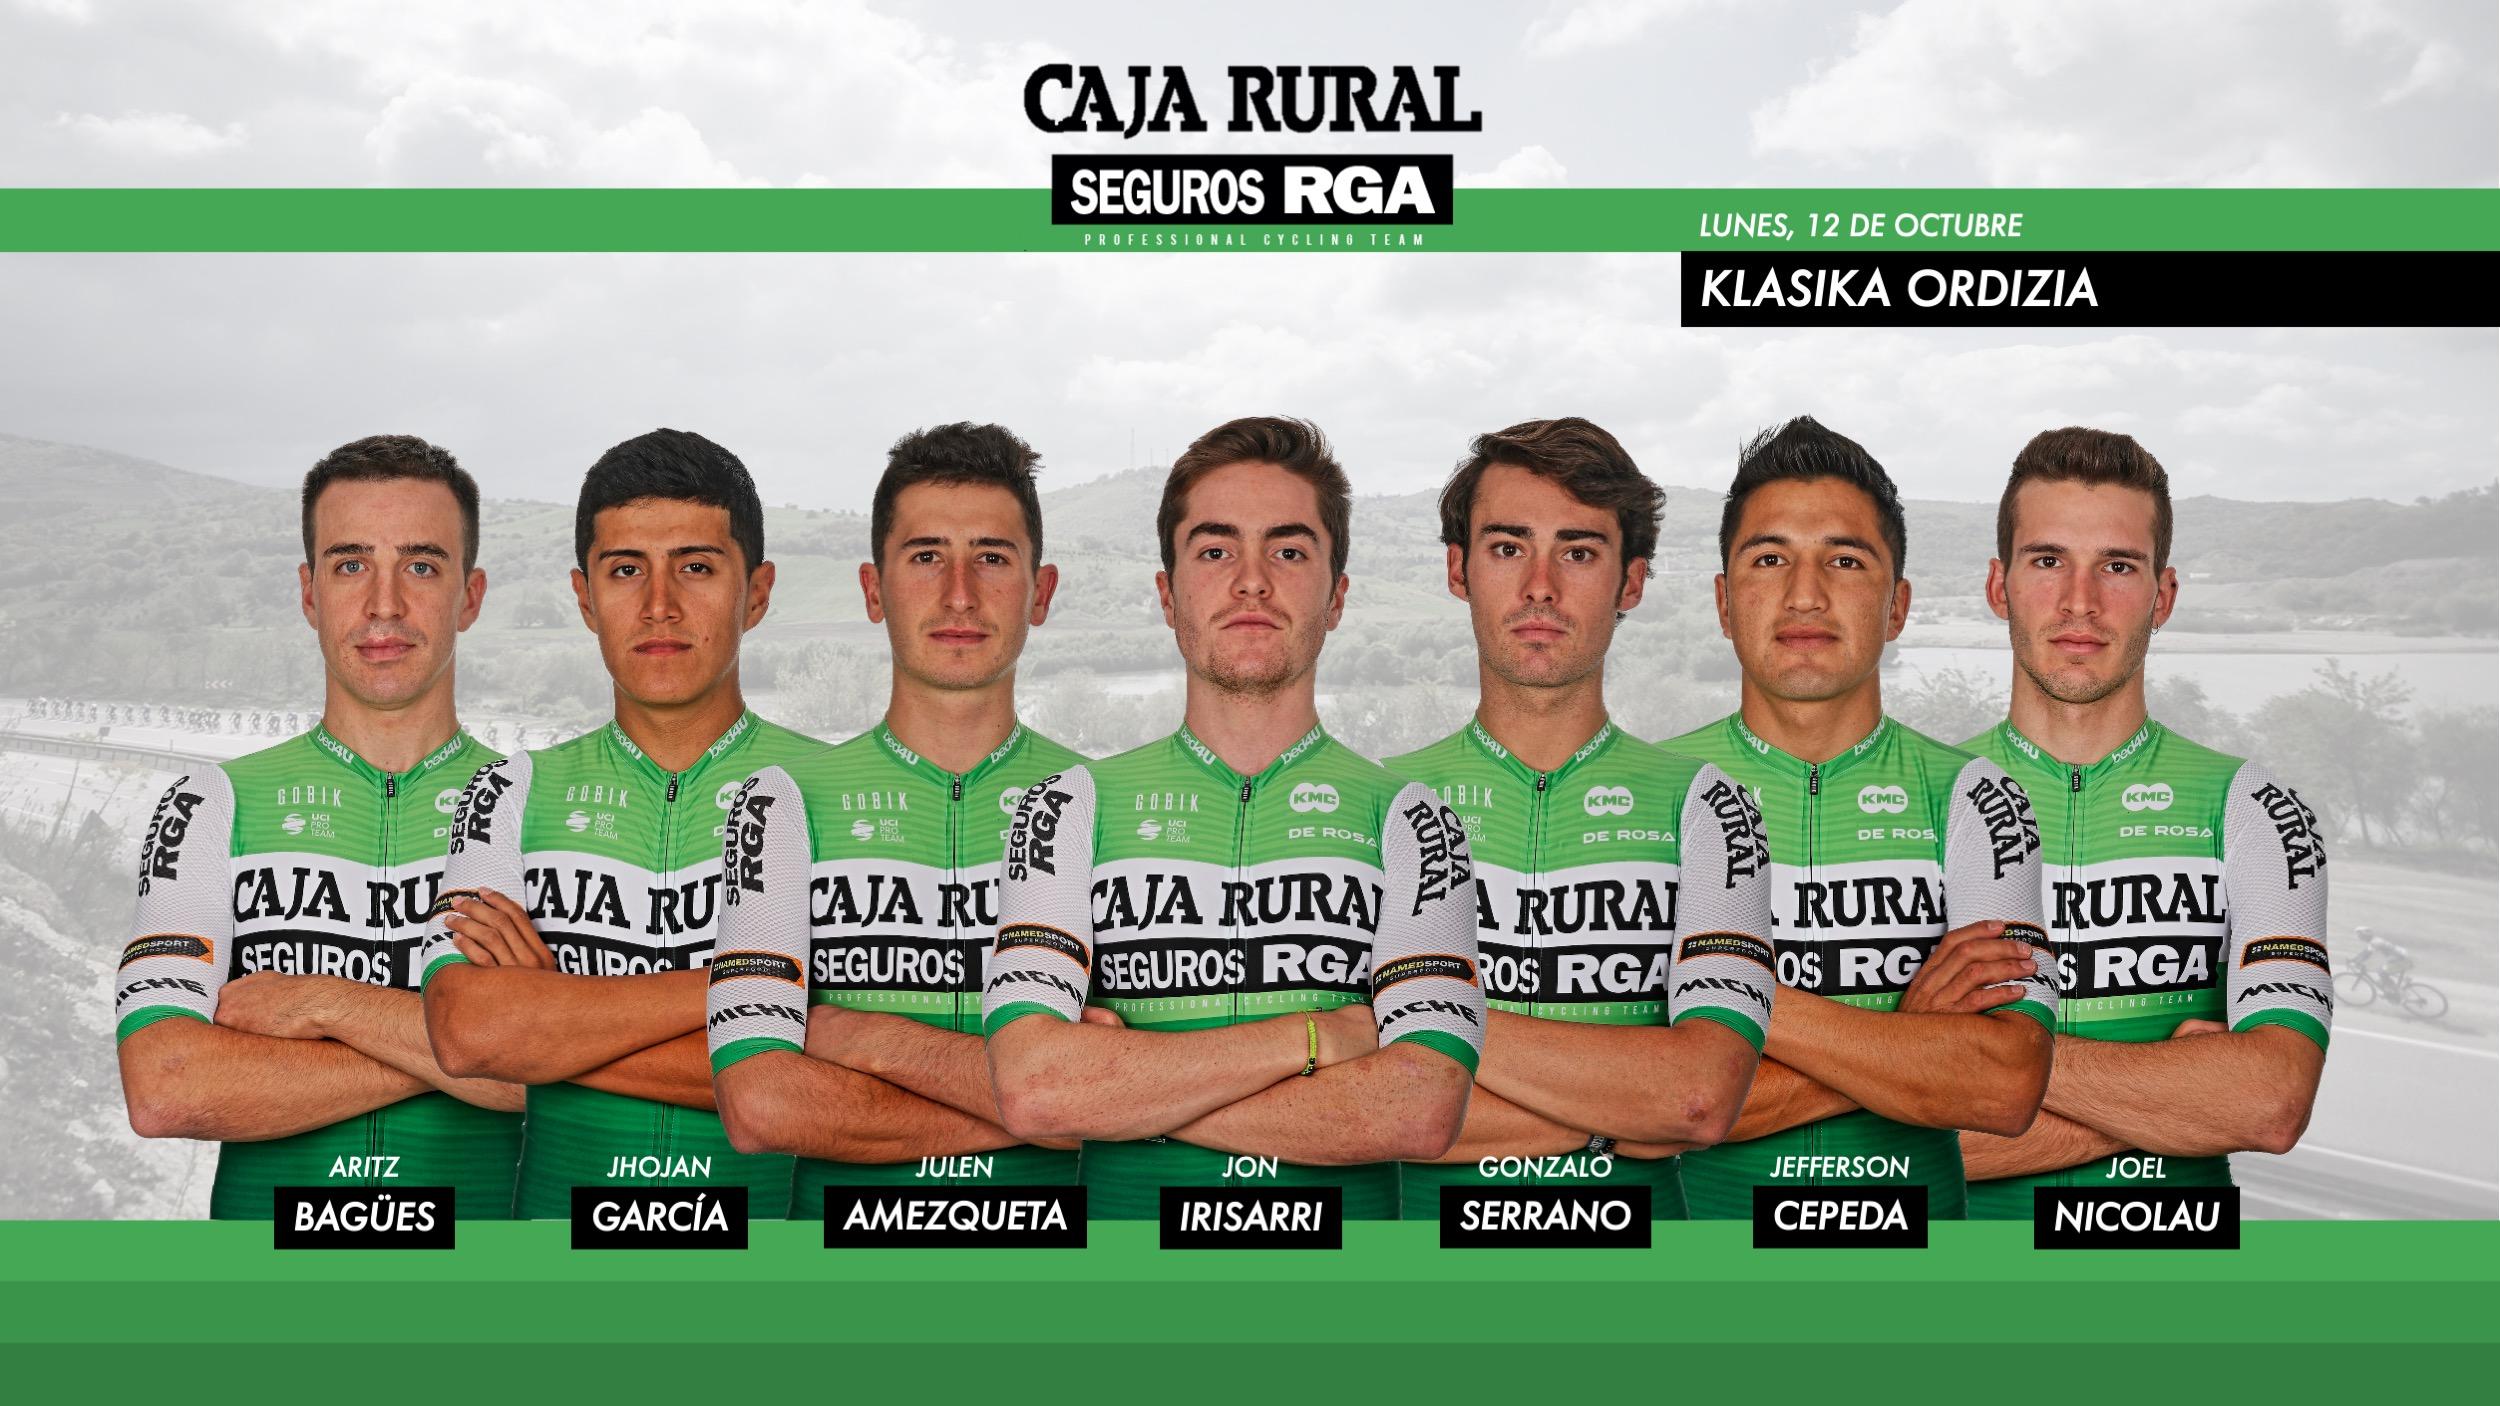 La Clásica de Ordizia, última estación antes de La Vuelta